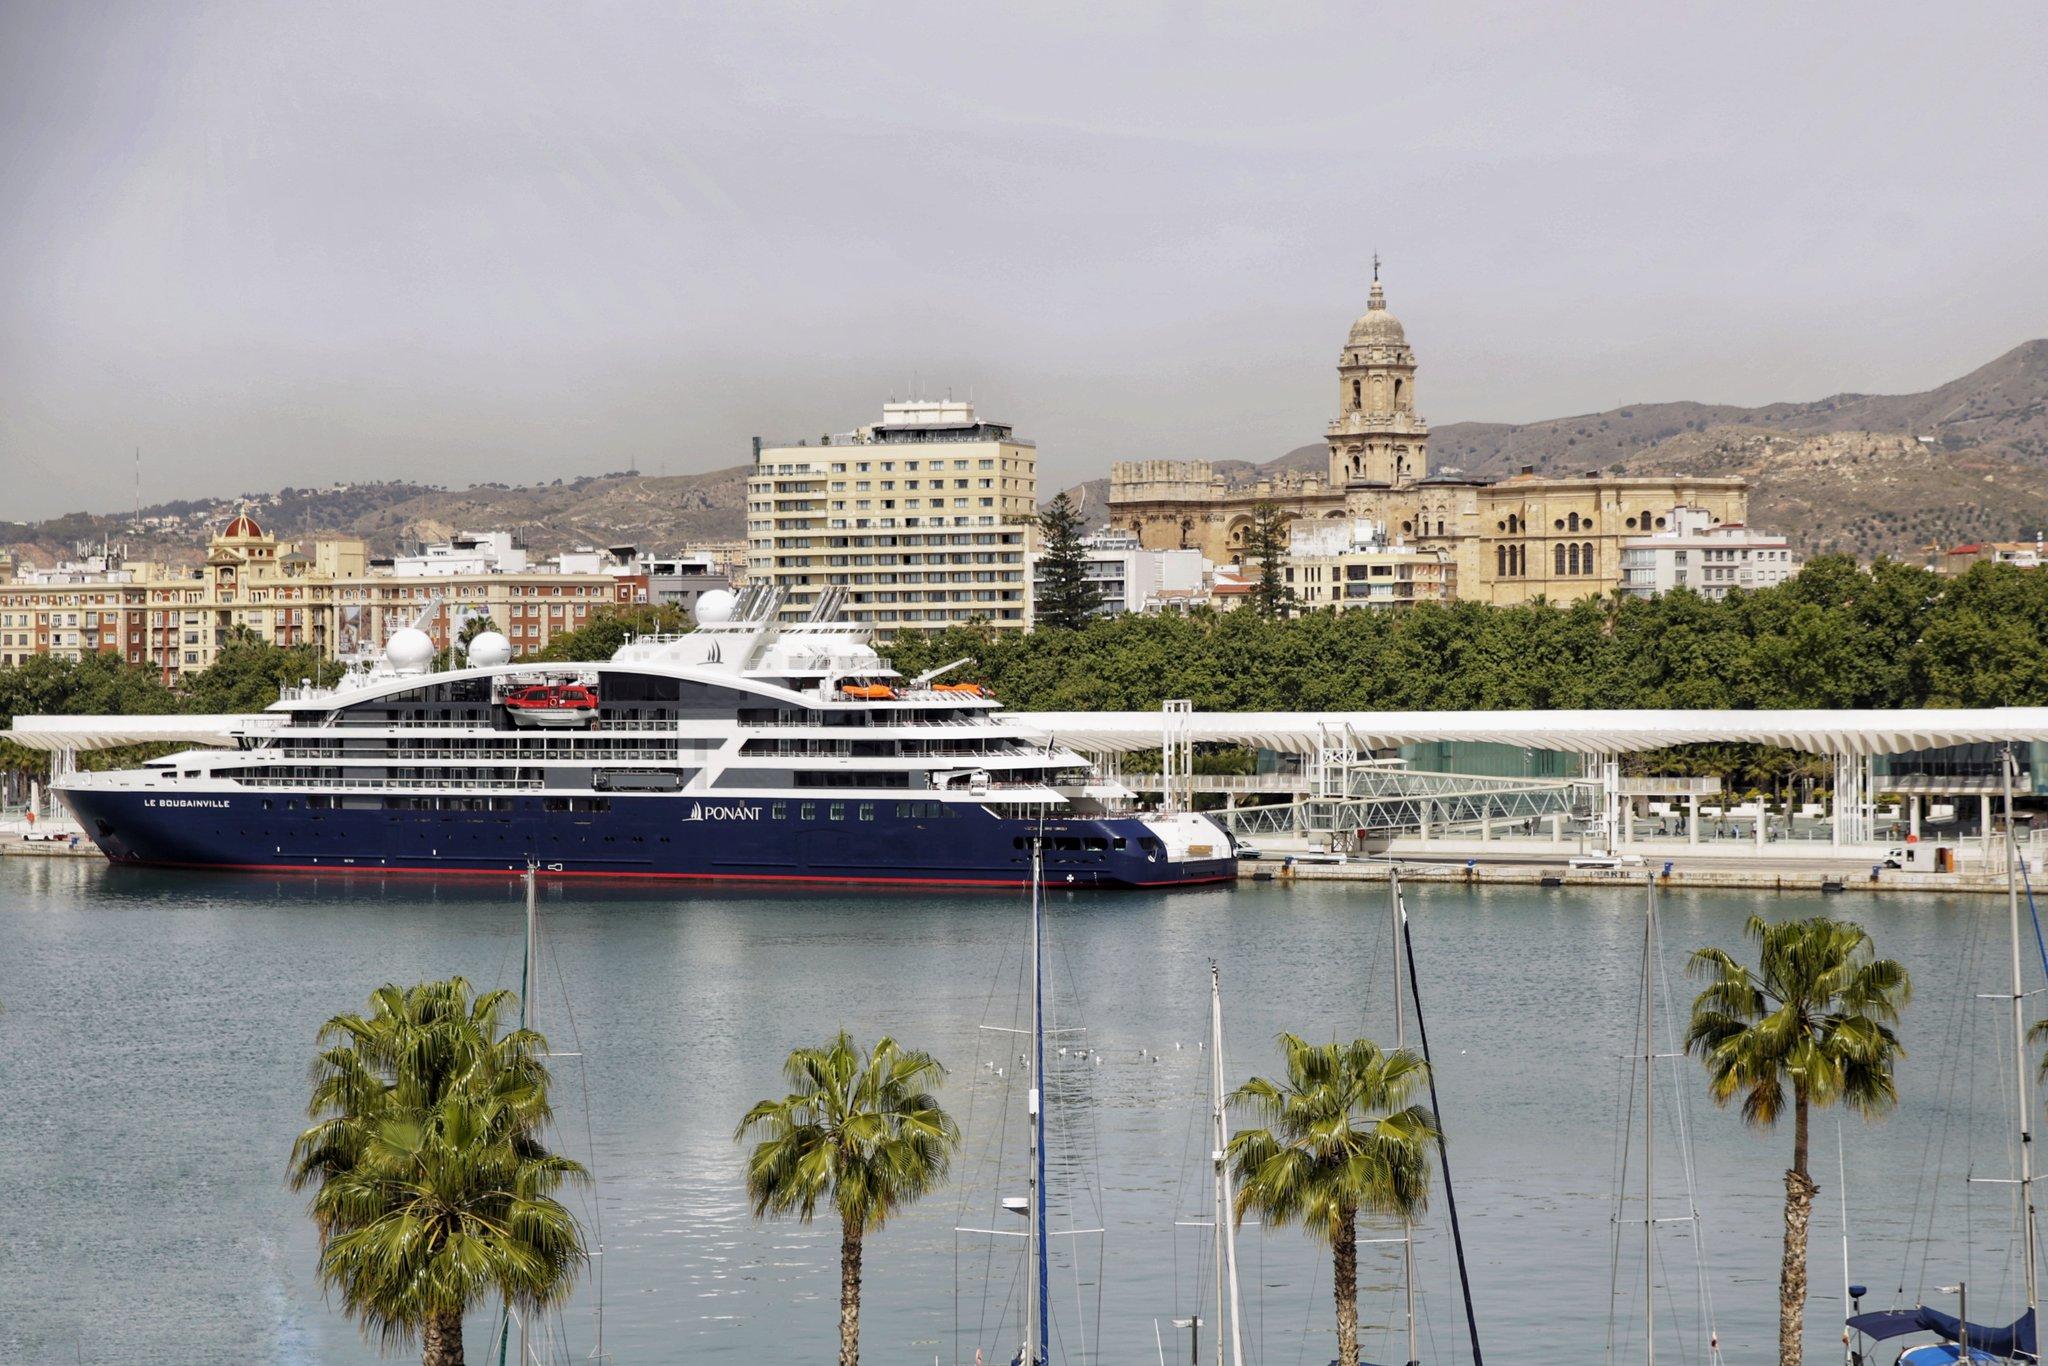 El nuevo buque exclusivo 'Le Bougainville' inicia su viaje inaugural desde el Puerto de Málaga